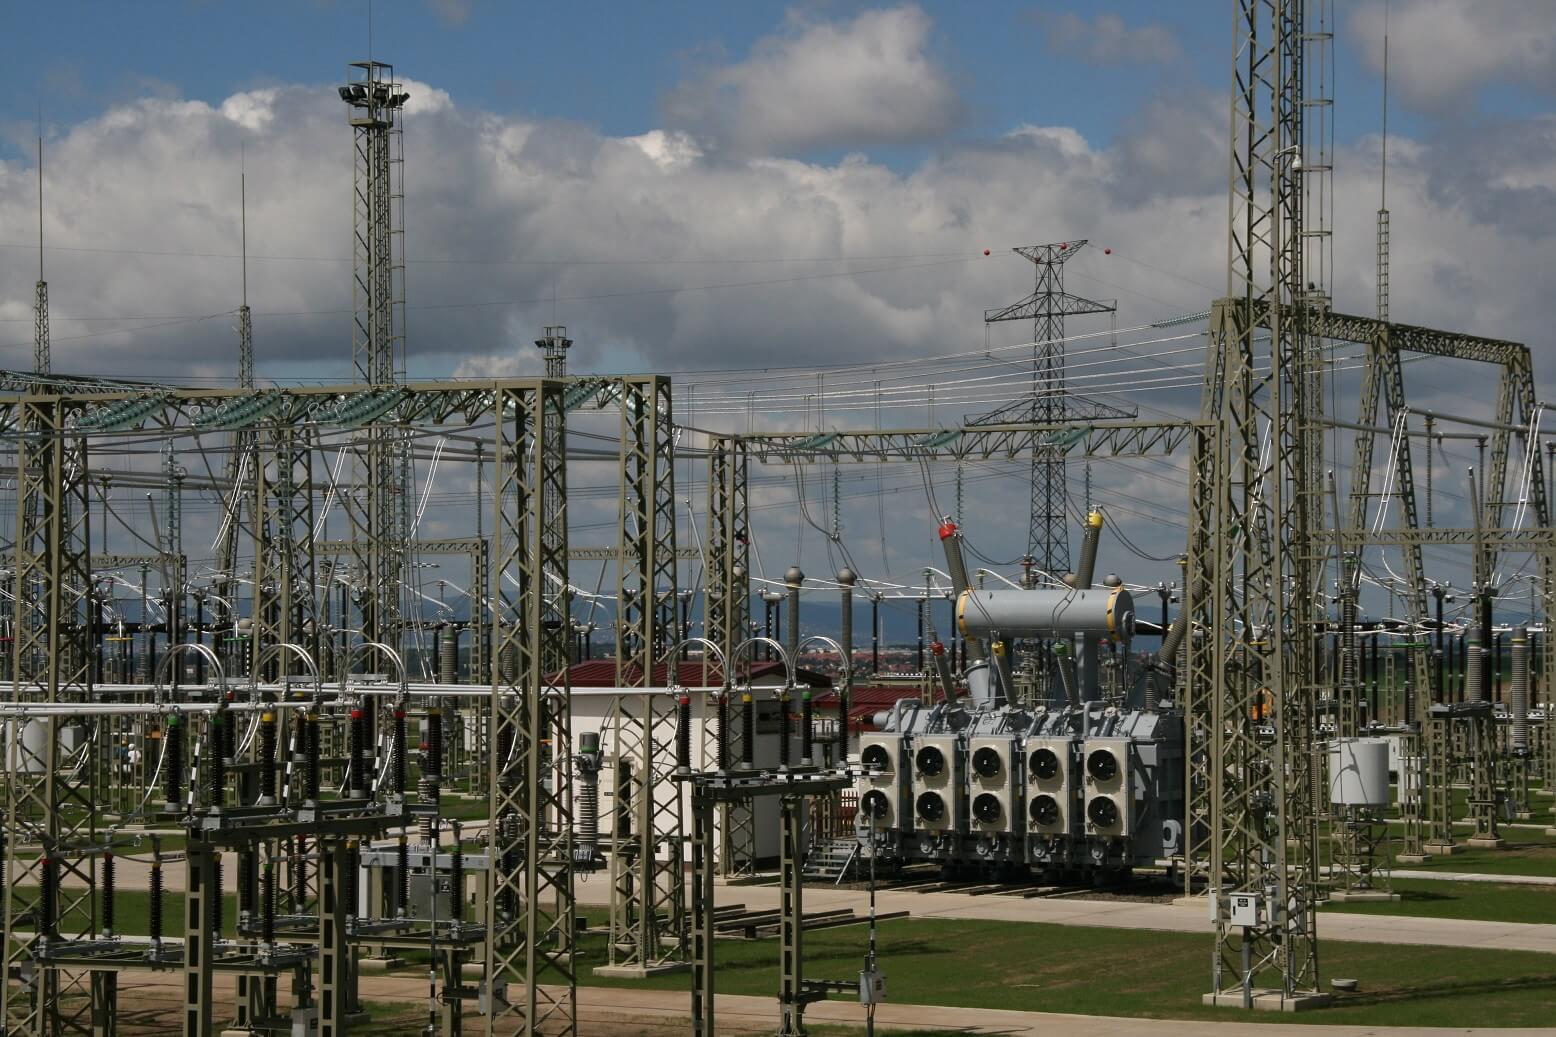 7,7 milliárdos villamosenergia-ipari fejlesztés készült el Kerepesen